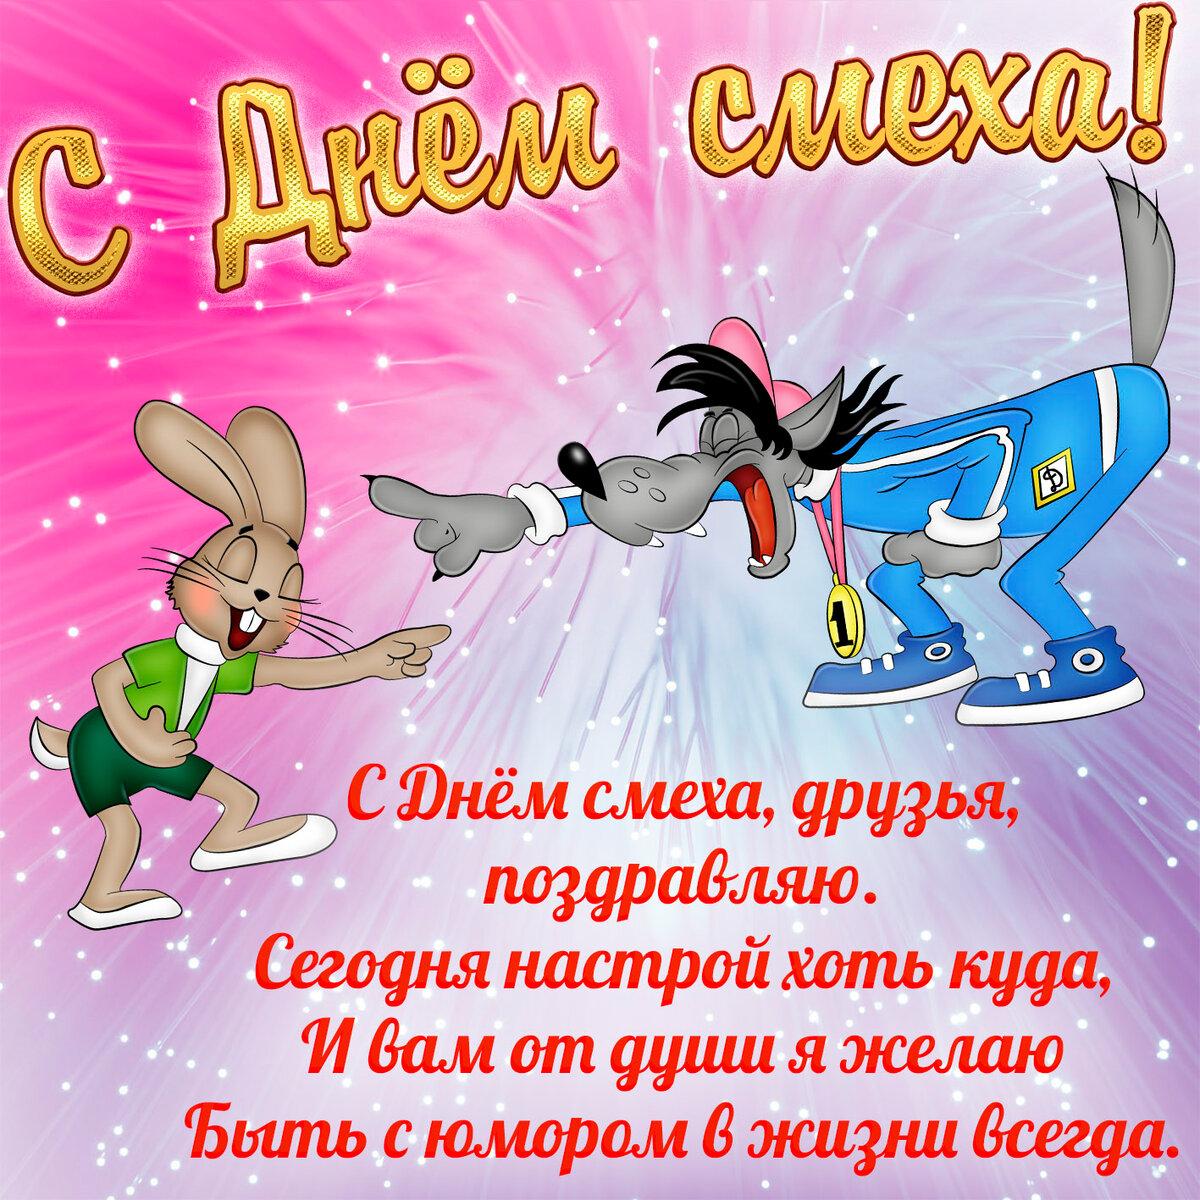 С 1 апреля поздравления в картинках